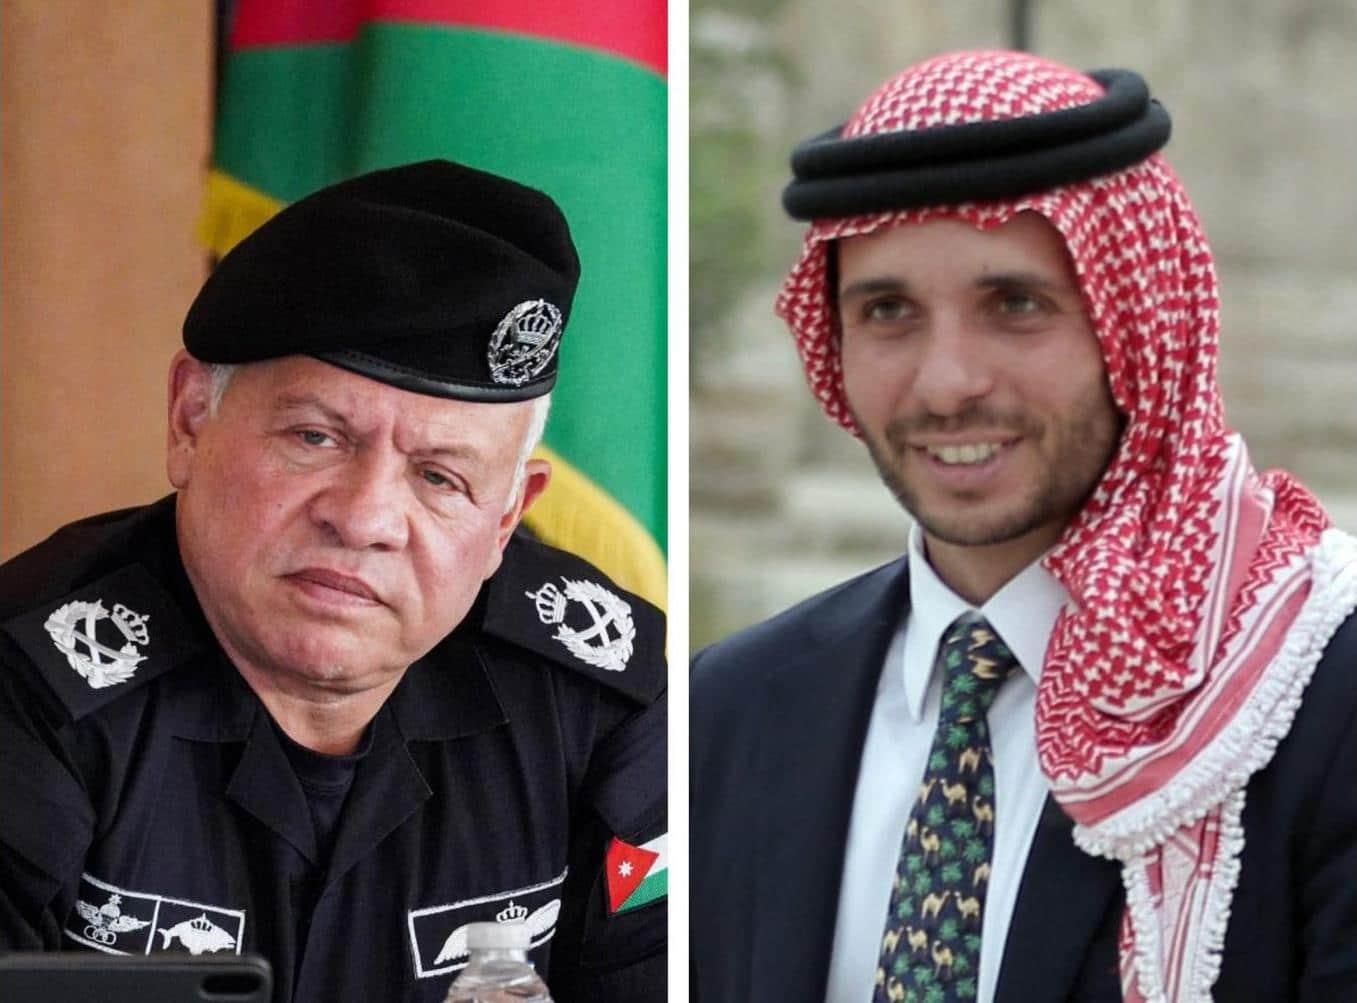 الملك عبدالله الثاني و الأمير حمزة لا يتكلمان مع بعضهما .. تقرير أمريكي يكشف سبب الأزمة في الأردن